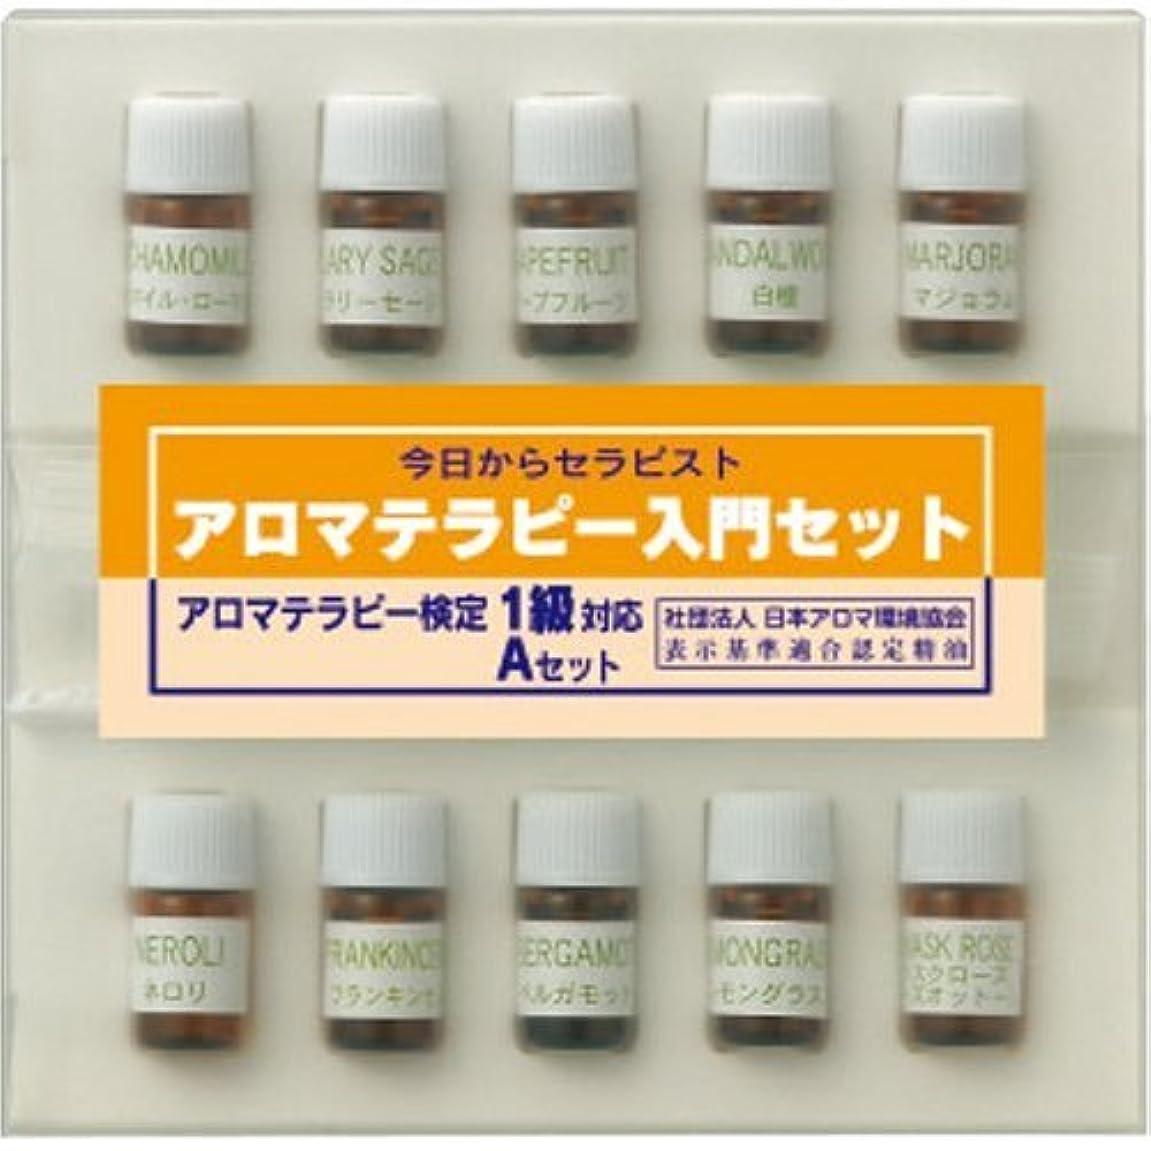 ミサイルドナー拘束生活の木 アロマ 入門セット 検定 1 級